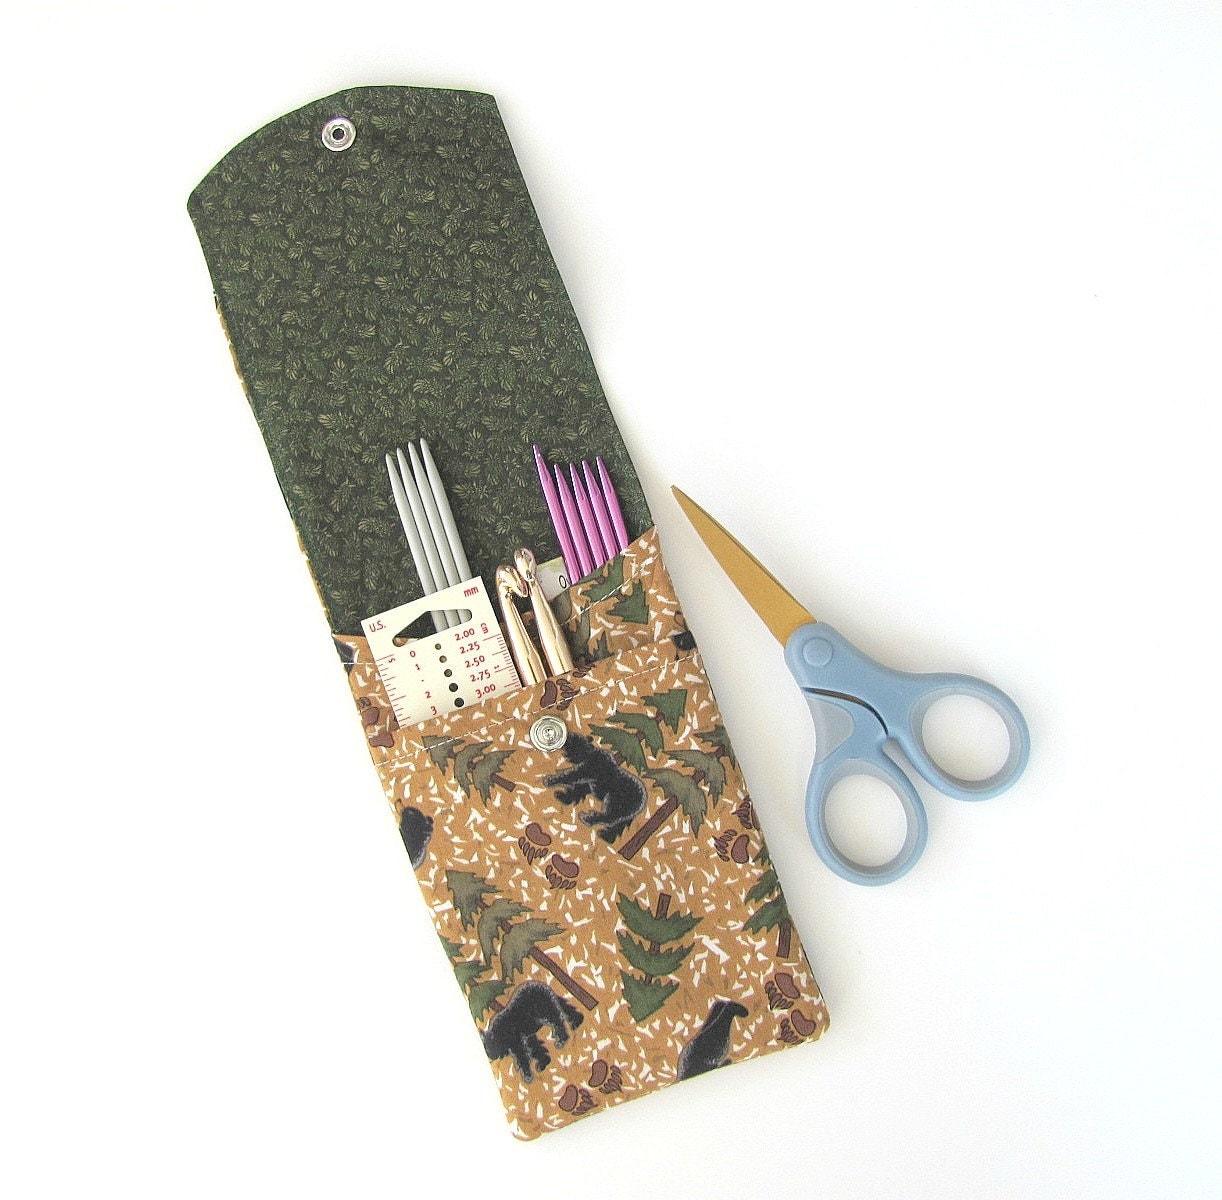 Knitting Needle Case Nz : Knitting needle case dpn or crochet hooks